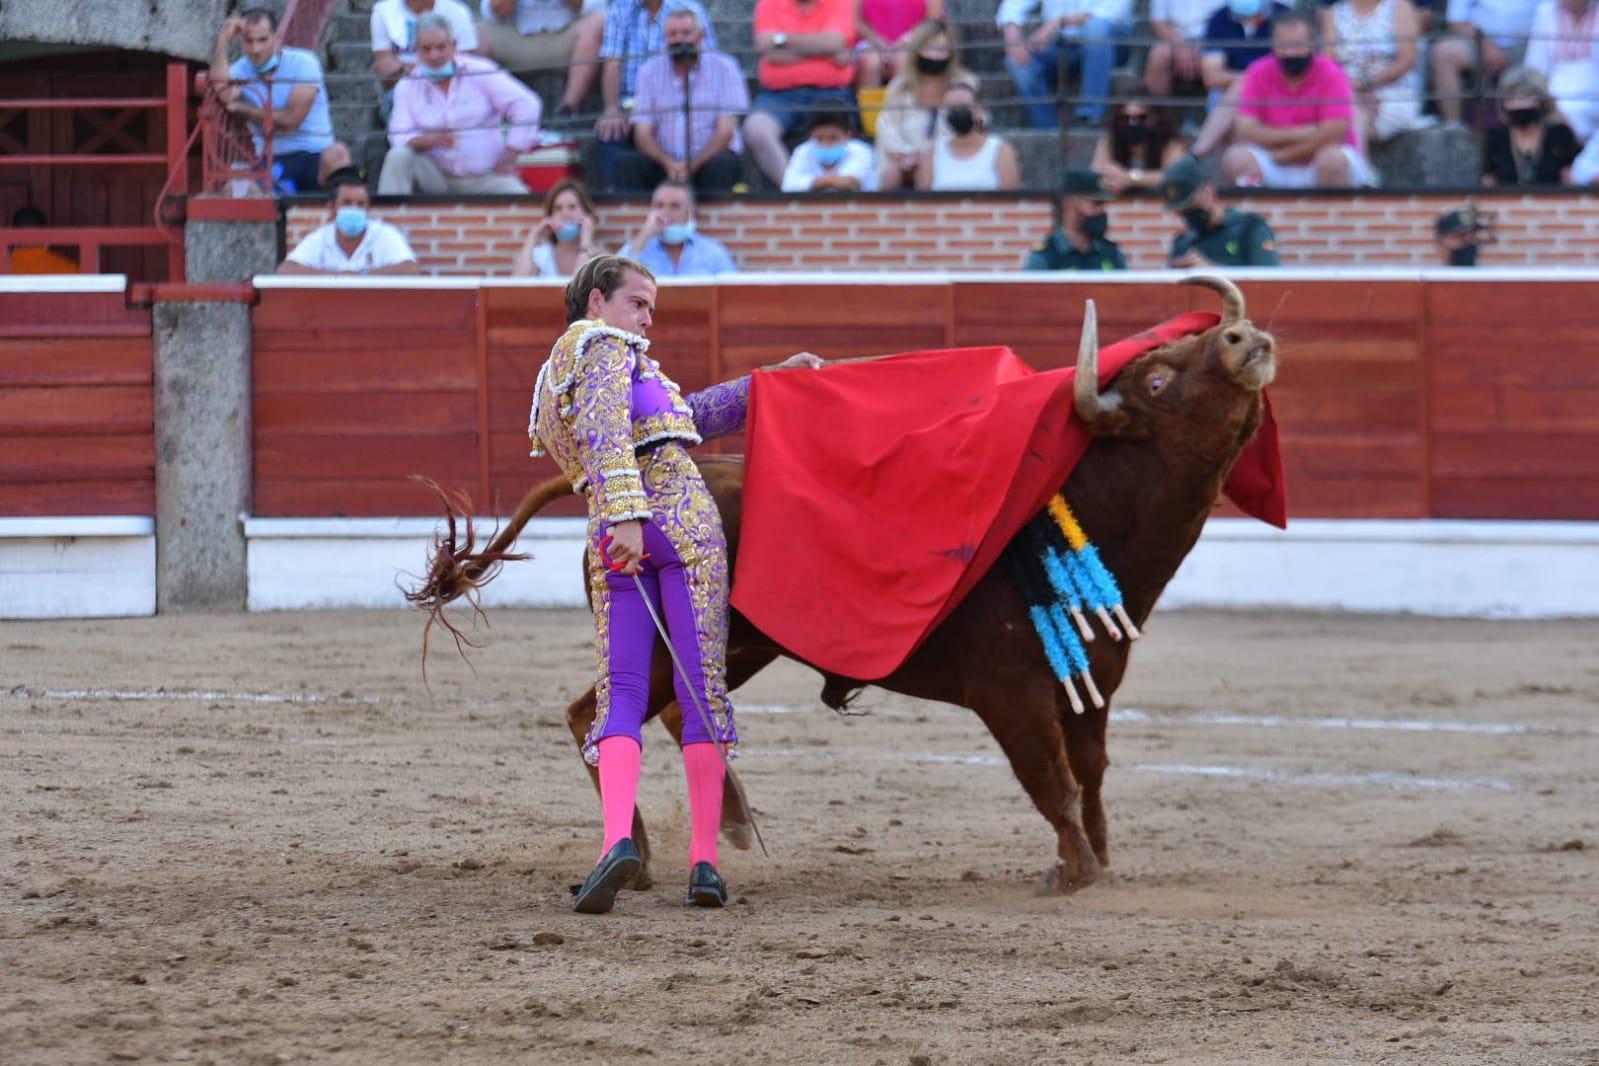 19-El-Espinar-Javier-Cortes-pase-de-pecho